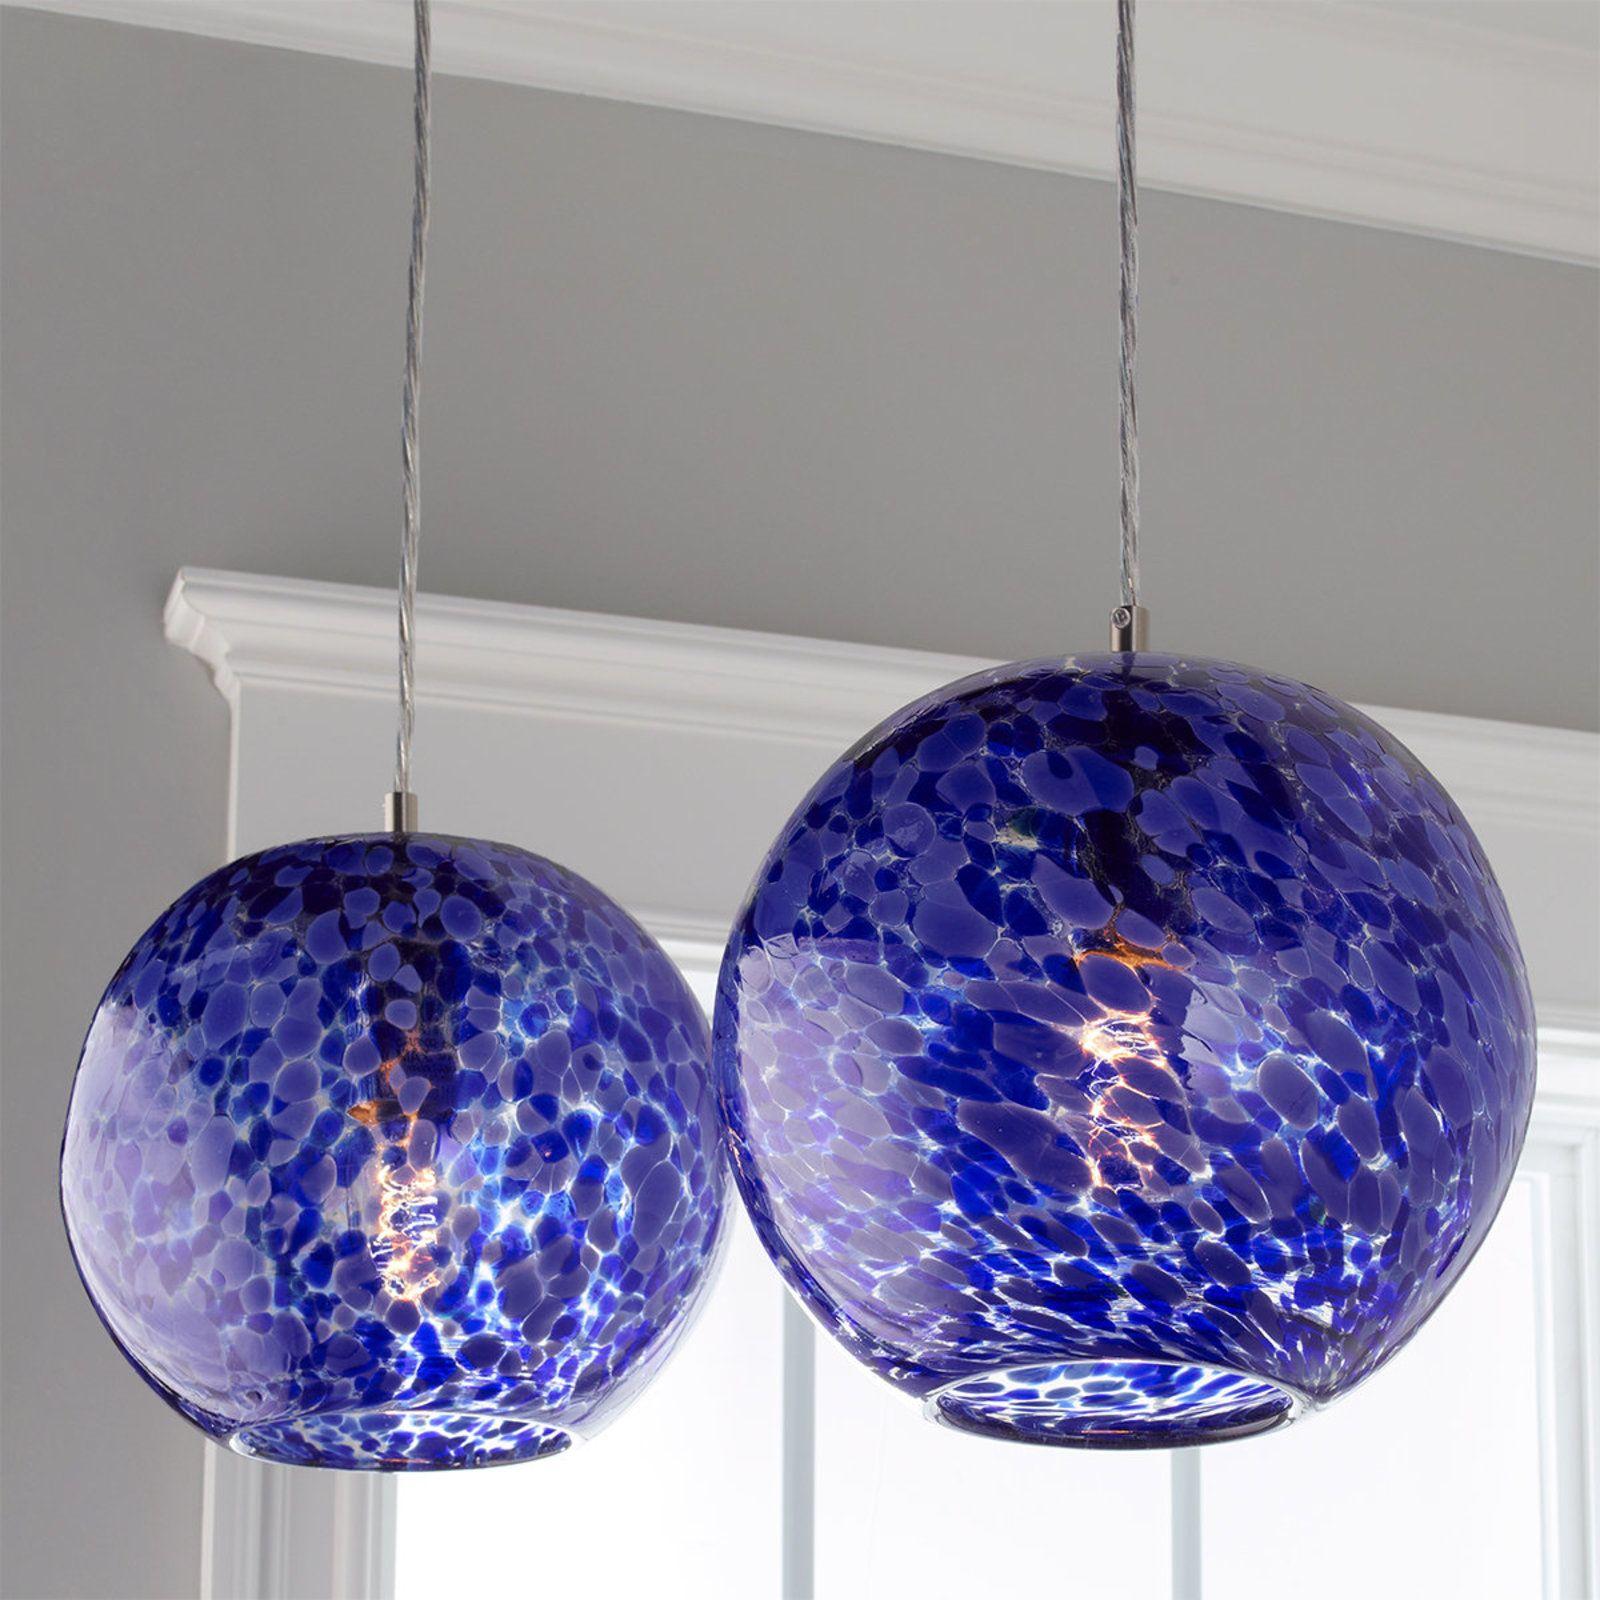 Contemporary Modern 1 Light 7 3 Pendant Fixture With Murano Cobalt Glass Blue Pendant Light Blown Glass Pendant Light Tech Lighting